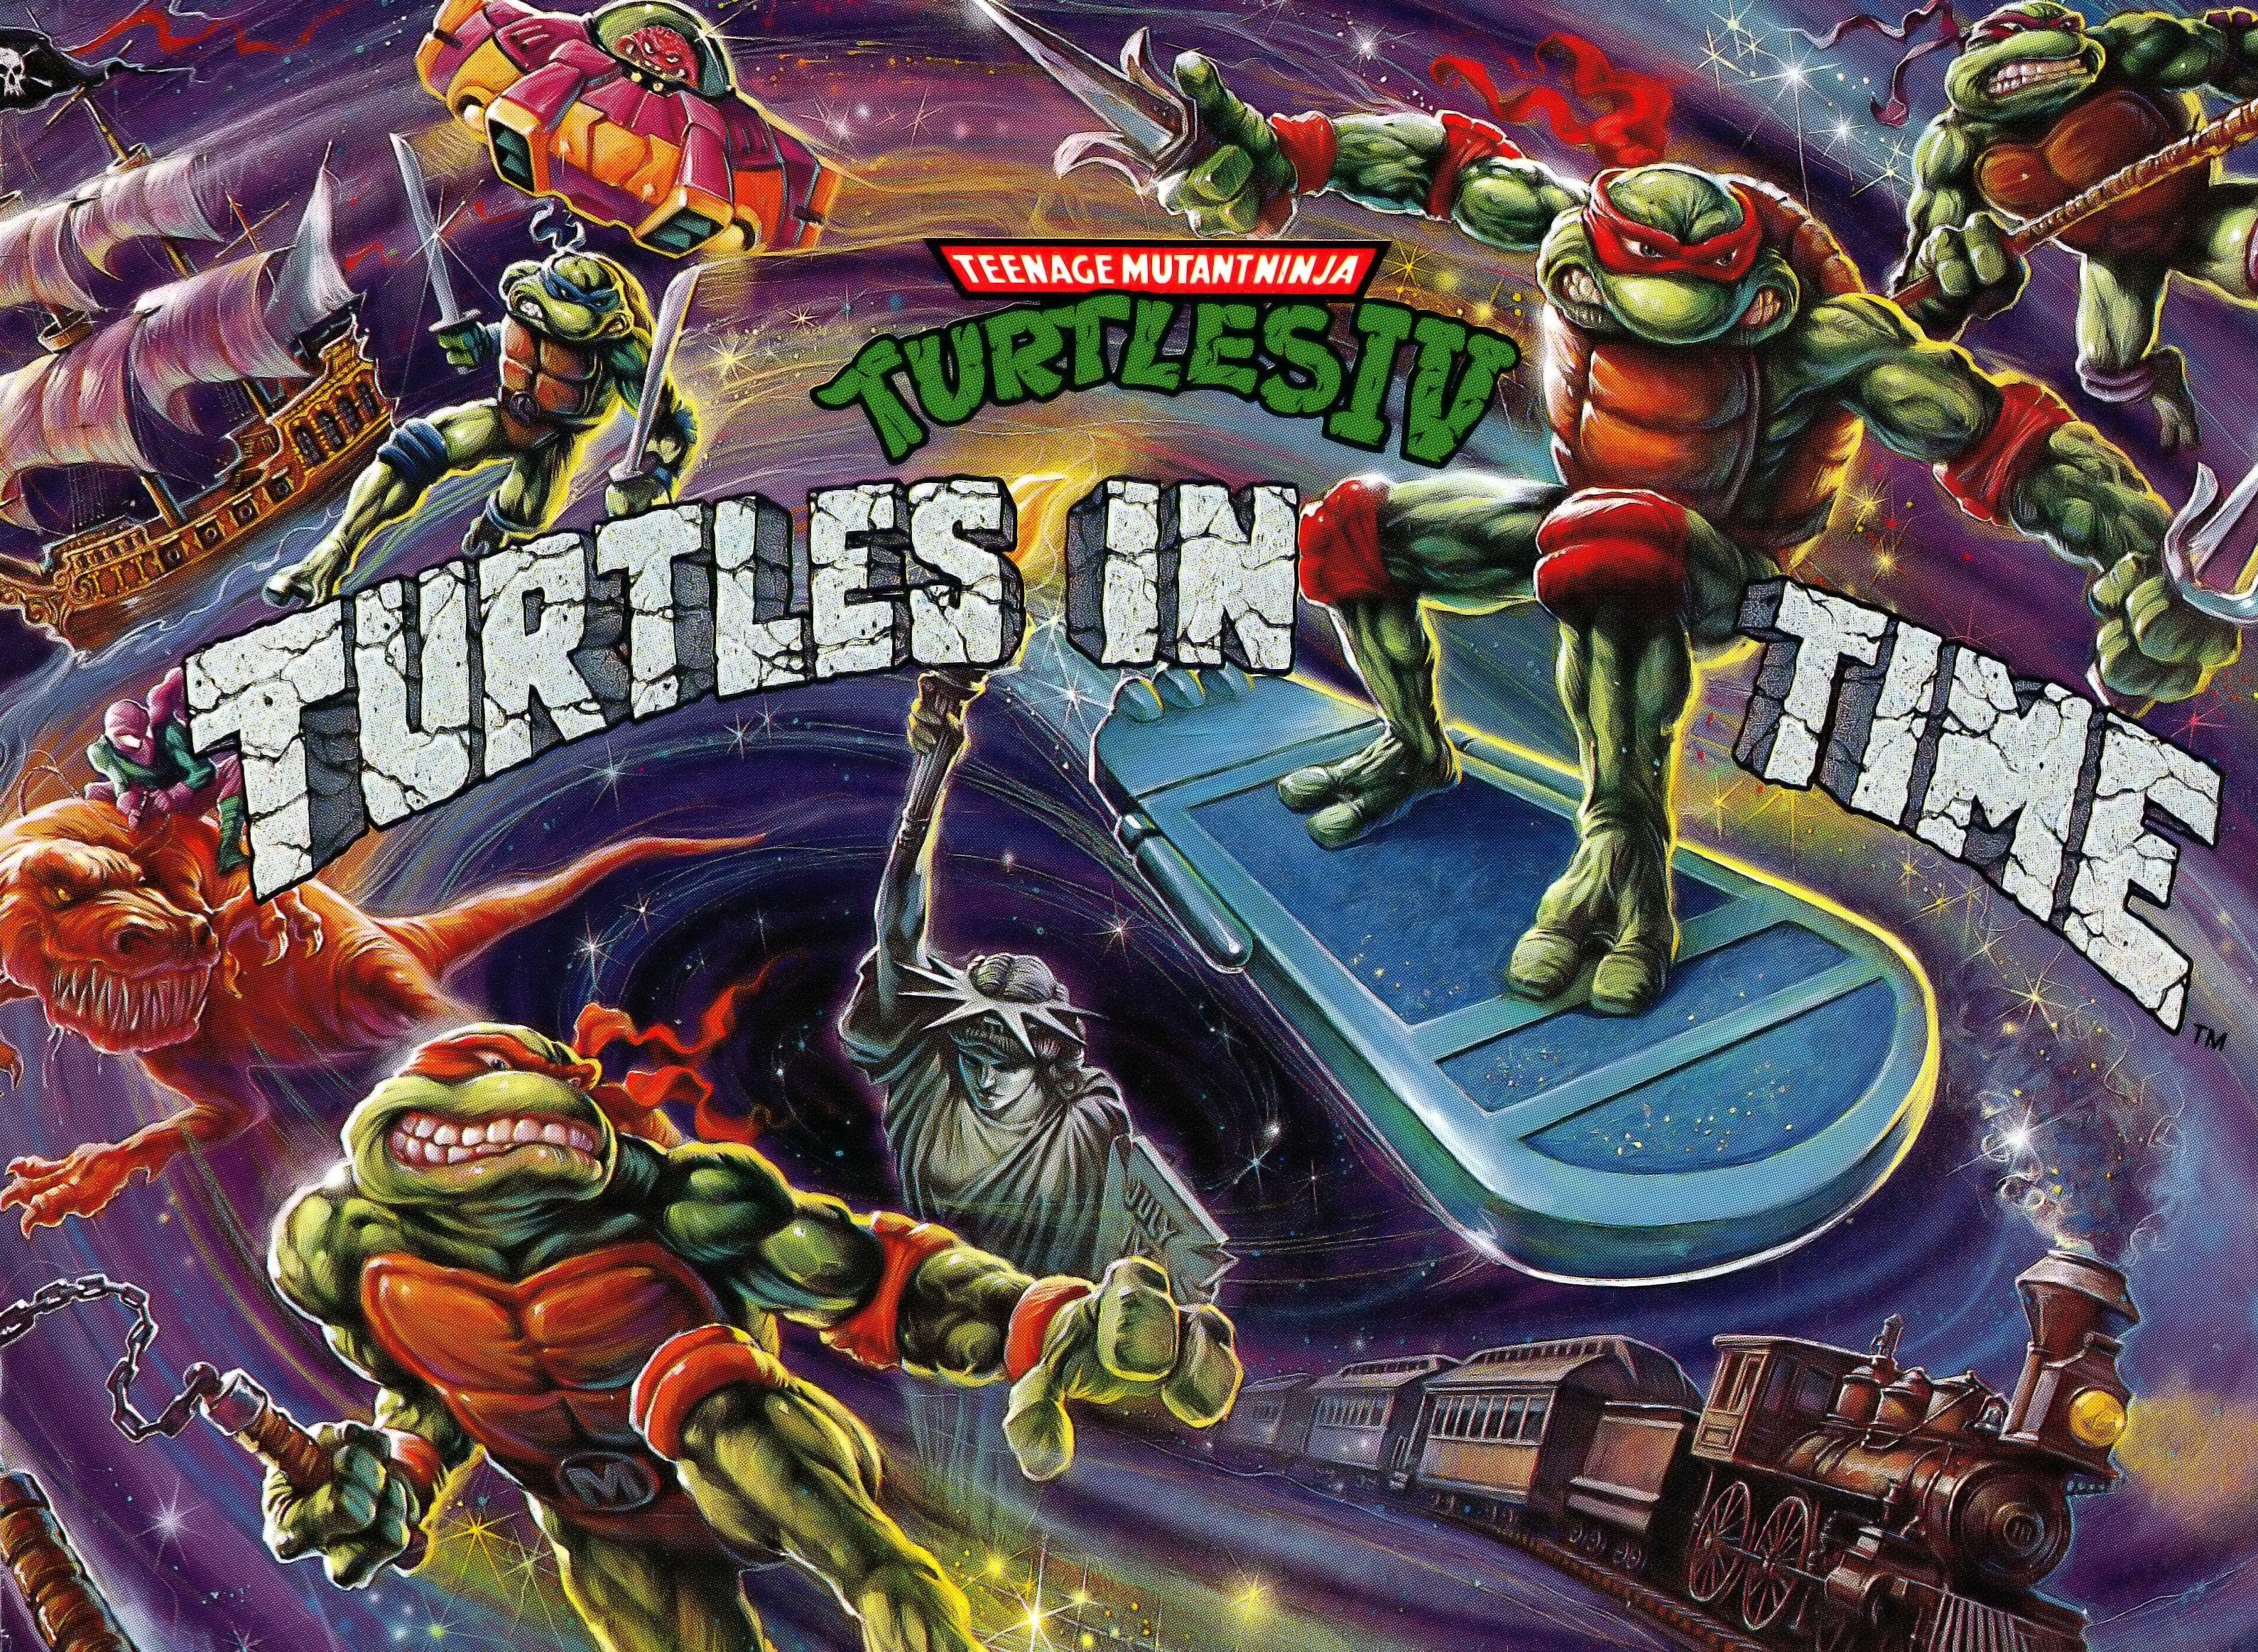 Video Game Teenage Mutant Ninja Turtles Iv In Time Wallpaper 247293